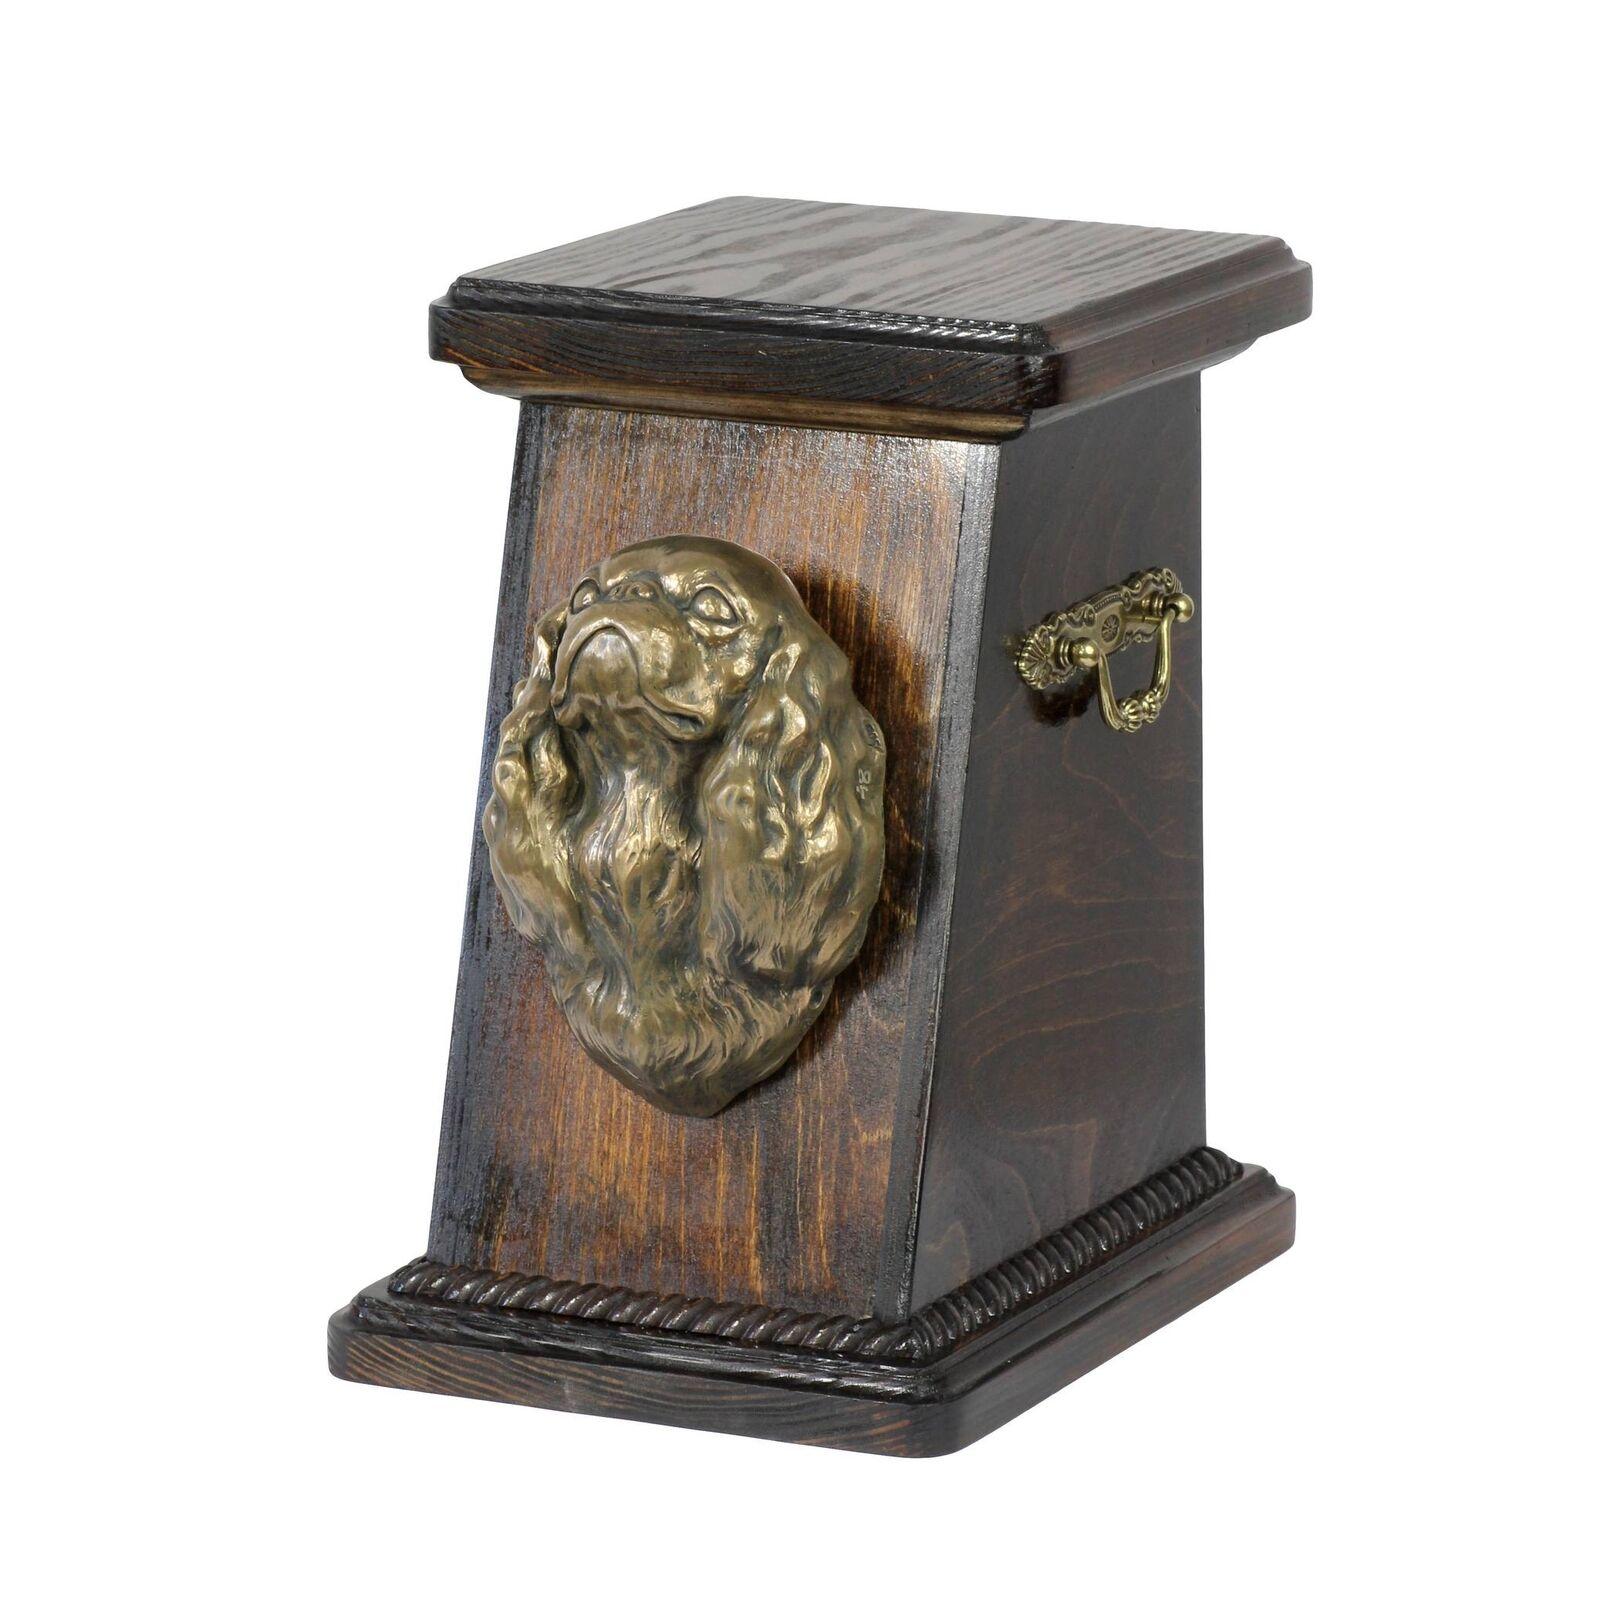 King Charles Spaniel tipo 1 - urna di legno con cane Art Dog IT Tipo 3